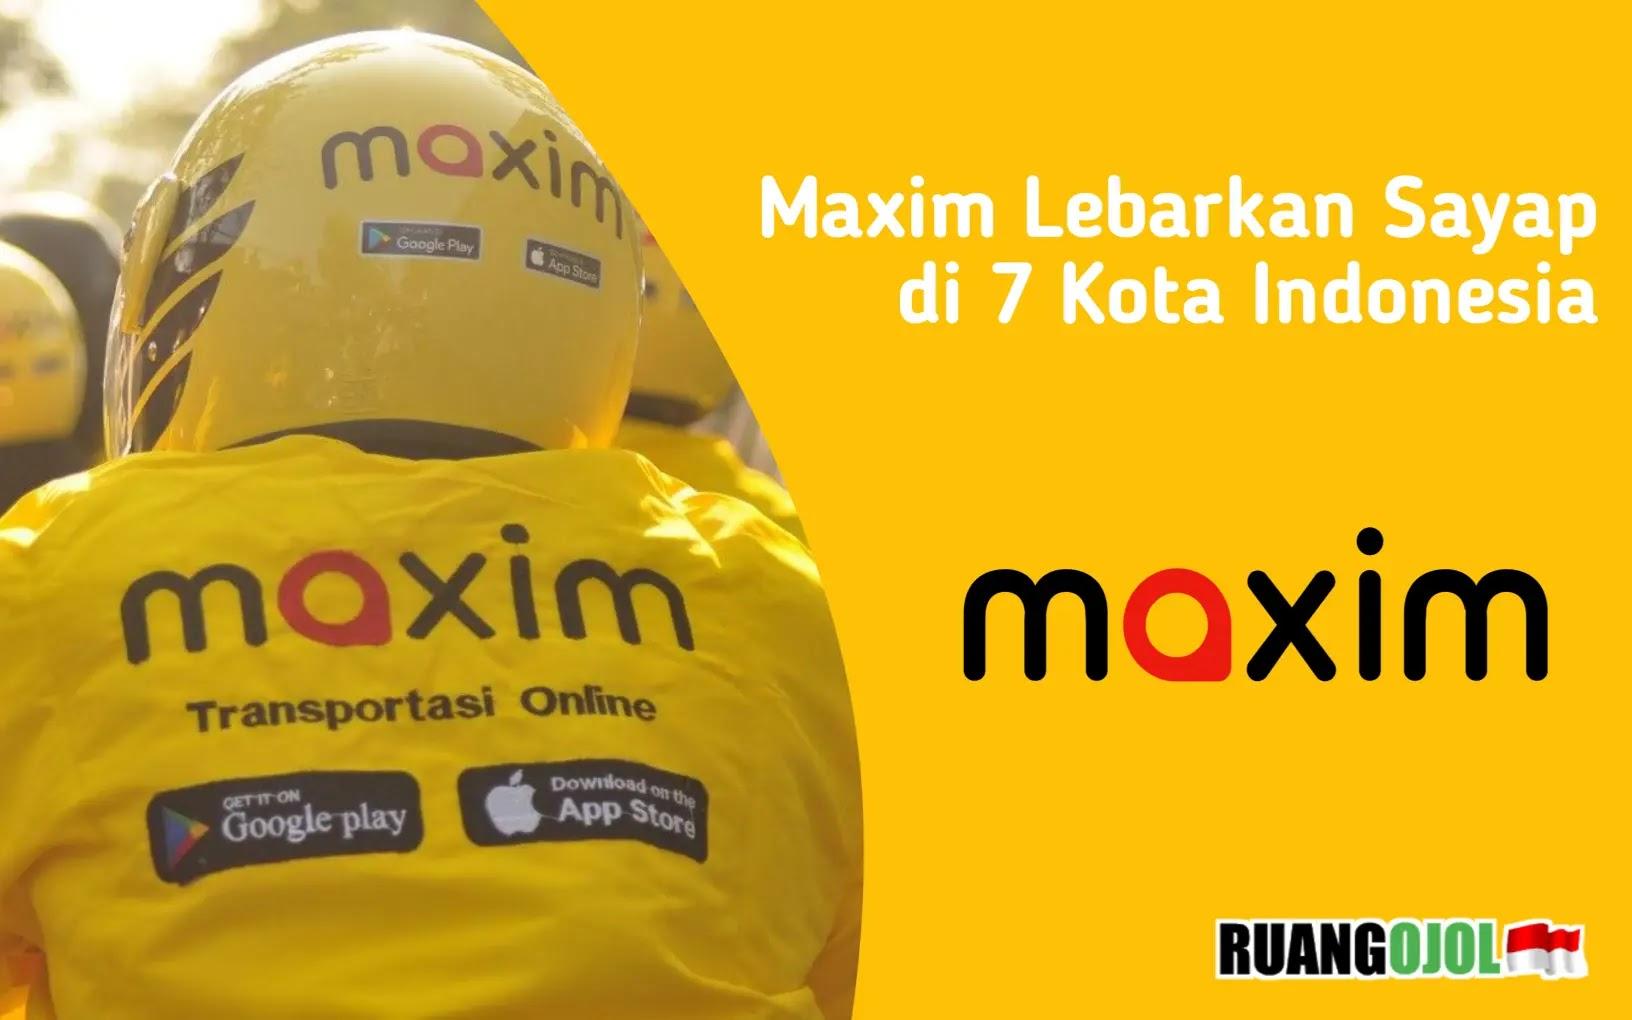 Maxim Memperluas Layanan di Beberapa Wilayah Jawa Timur dan Kota Lainnya!